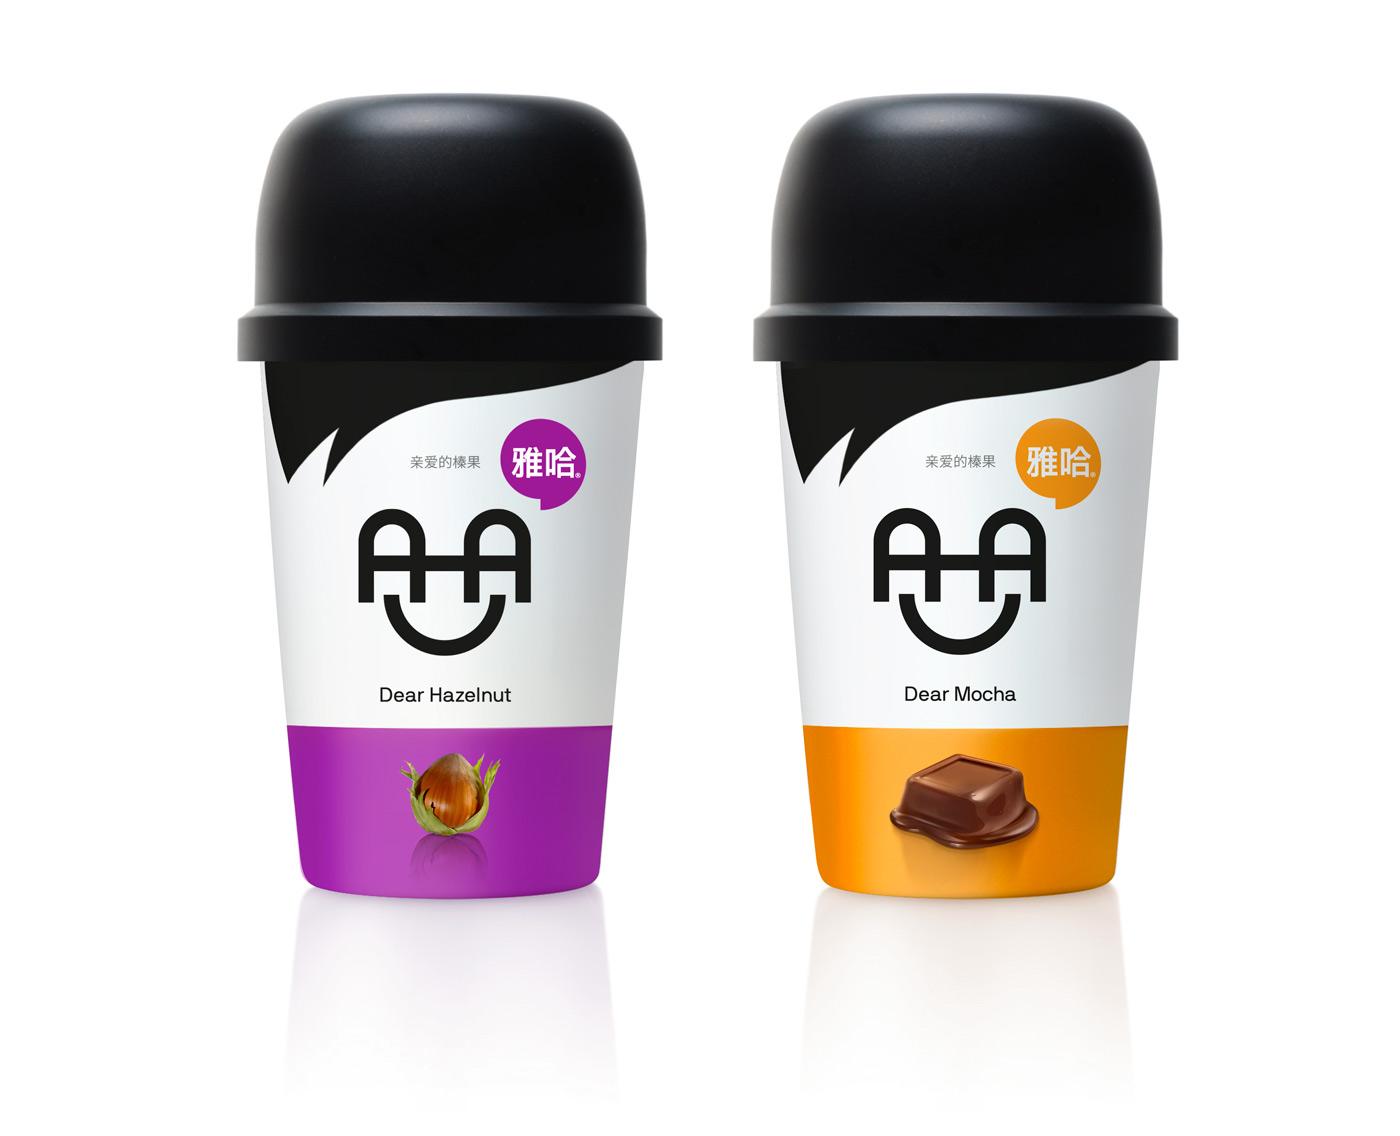 雅哈咖啡-DEAR系列包装